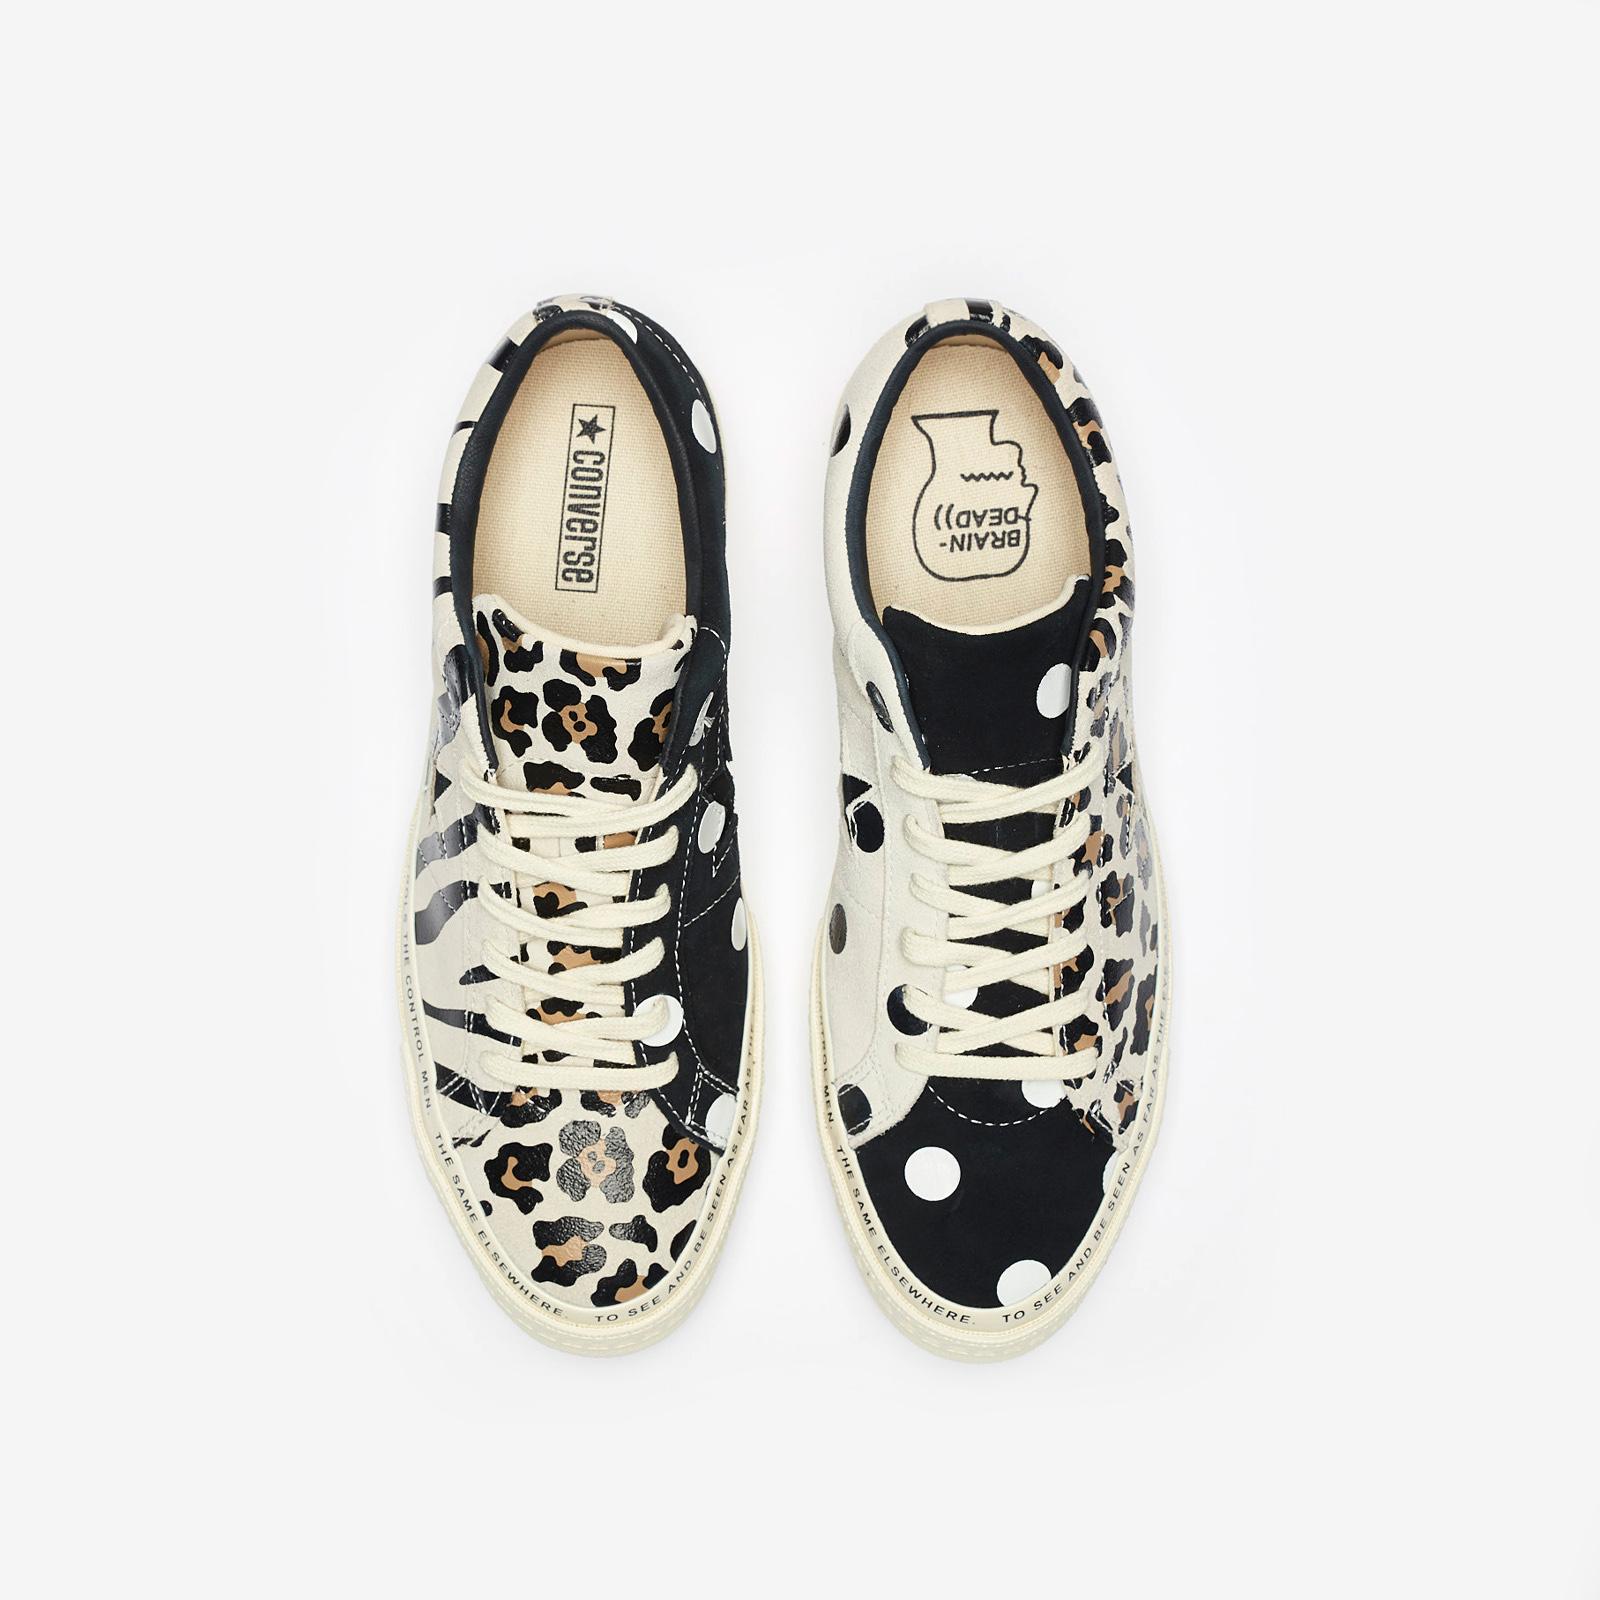 laringe Espolvorear Ejemplo  Converse One Star x Brain Dead - 163167c - Sneakersnstuff | sneakers &  streetwear online since 1999